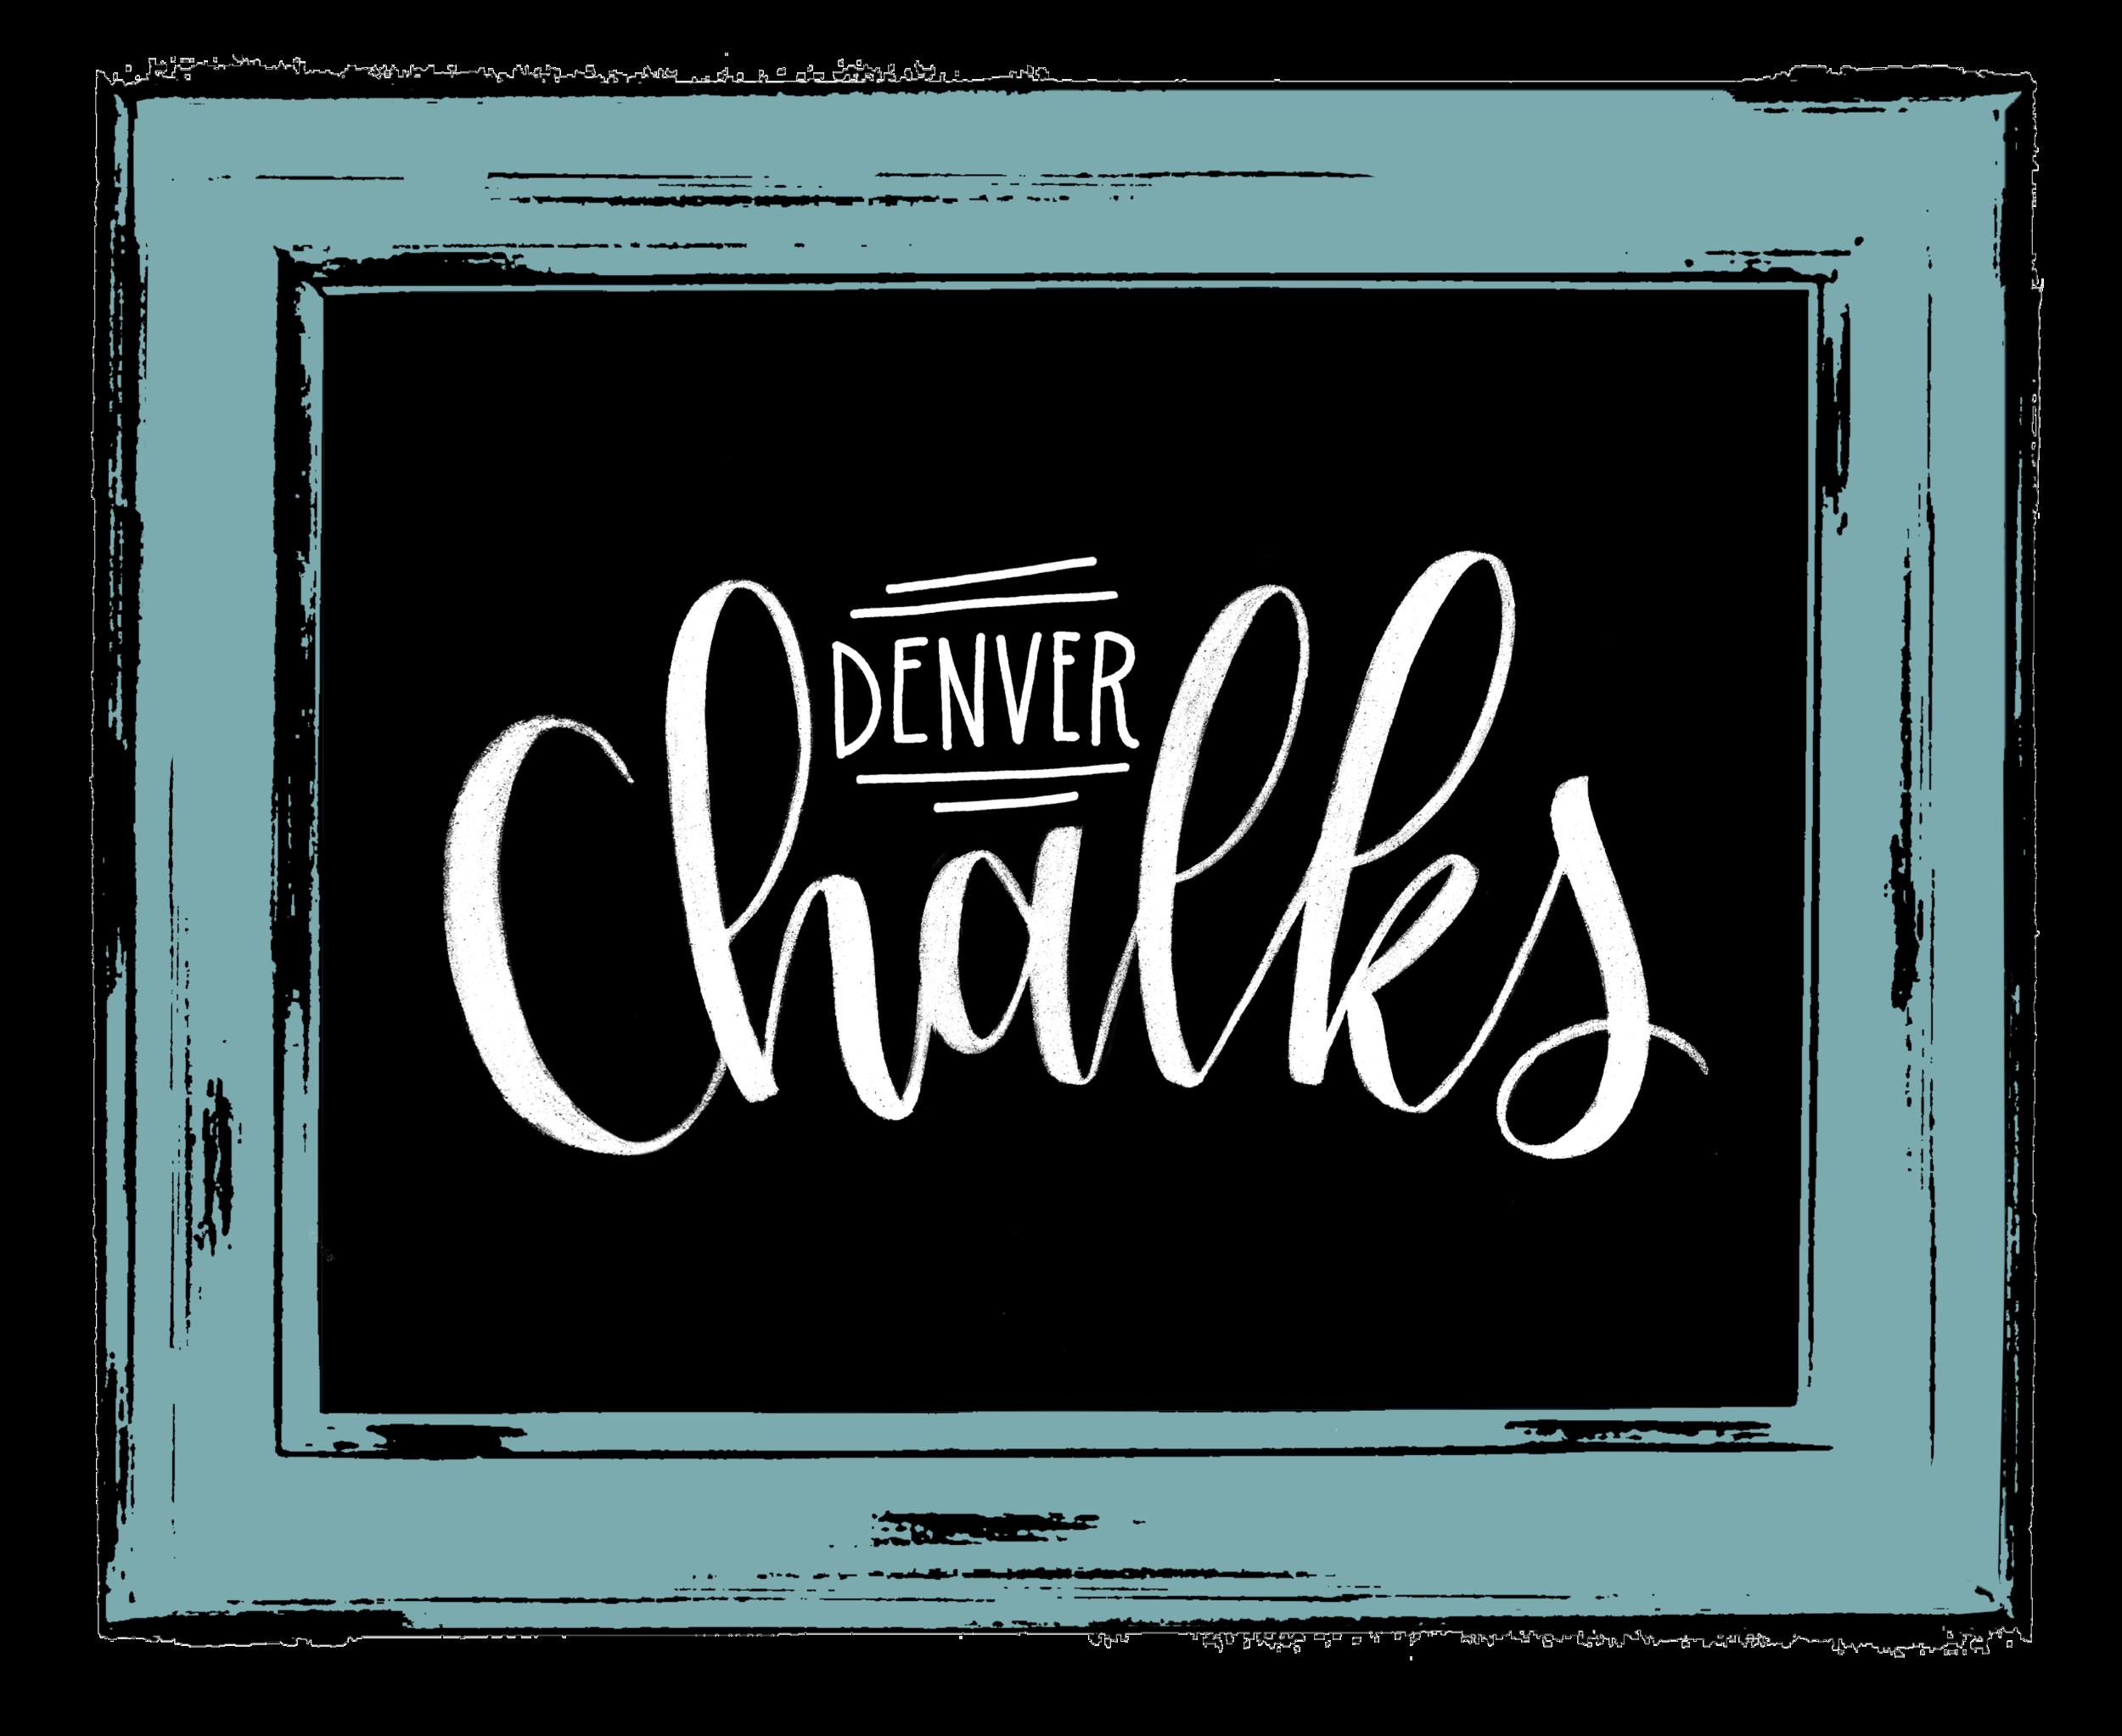 DenverChalks-LOGO-Final-BlueGrey-601.png